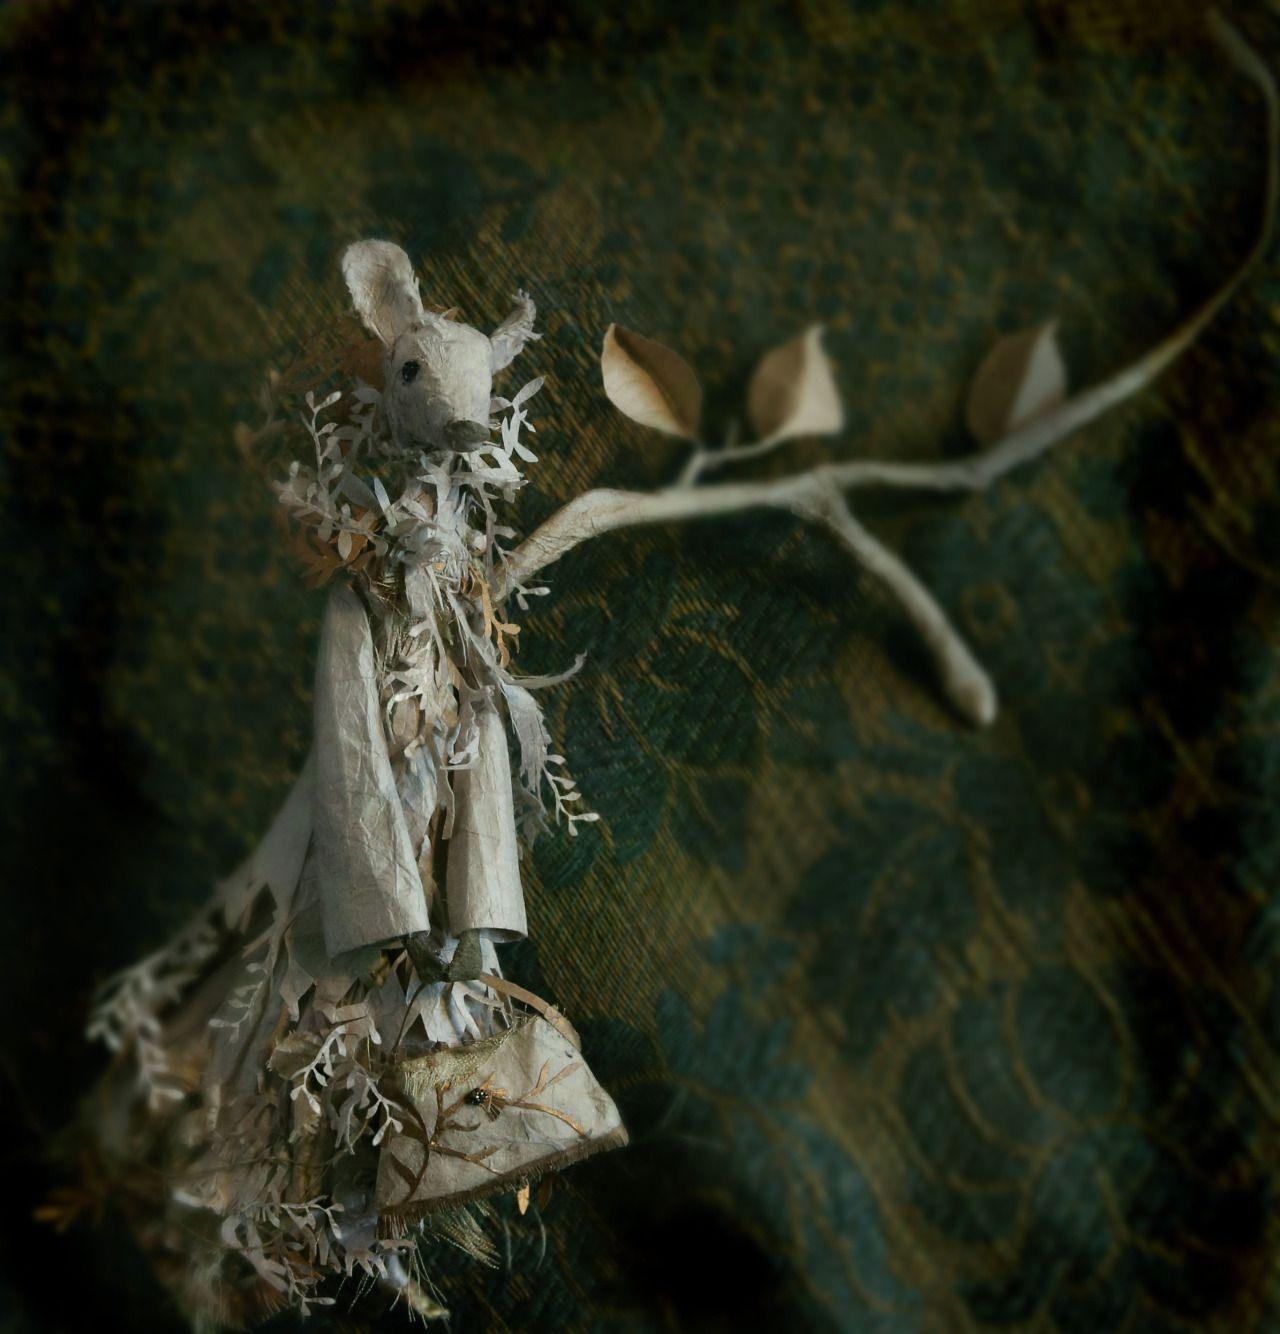 Biche, hind, paper work By MissClara Photo Dieter Krehbiel